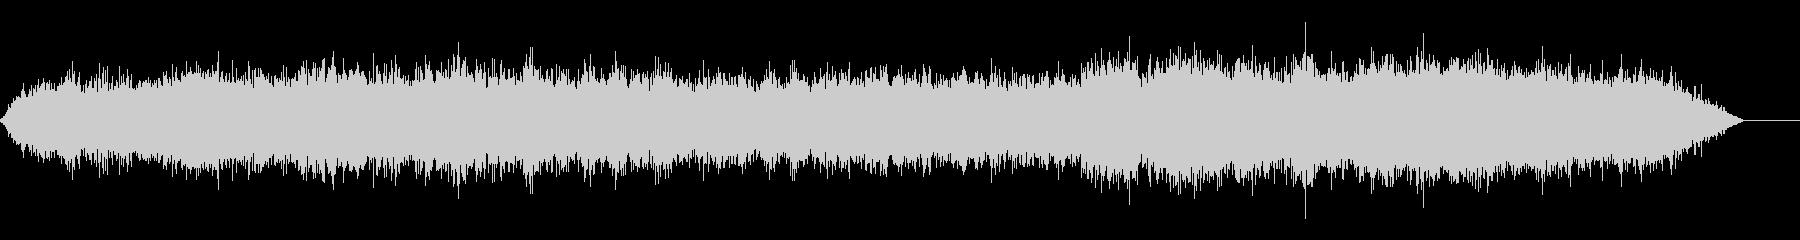 地下鉄、電車の音(車内にて録音)の未再生の波形